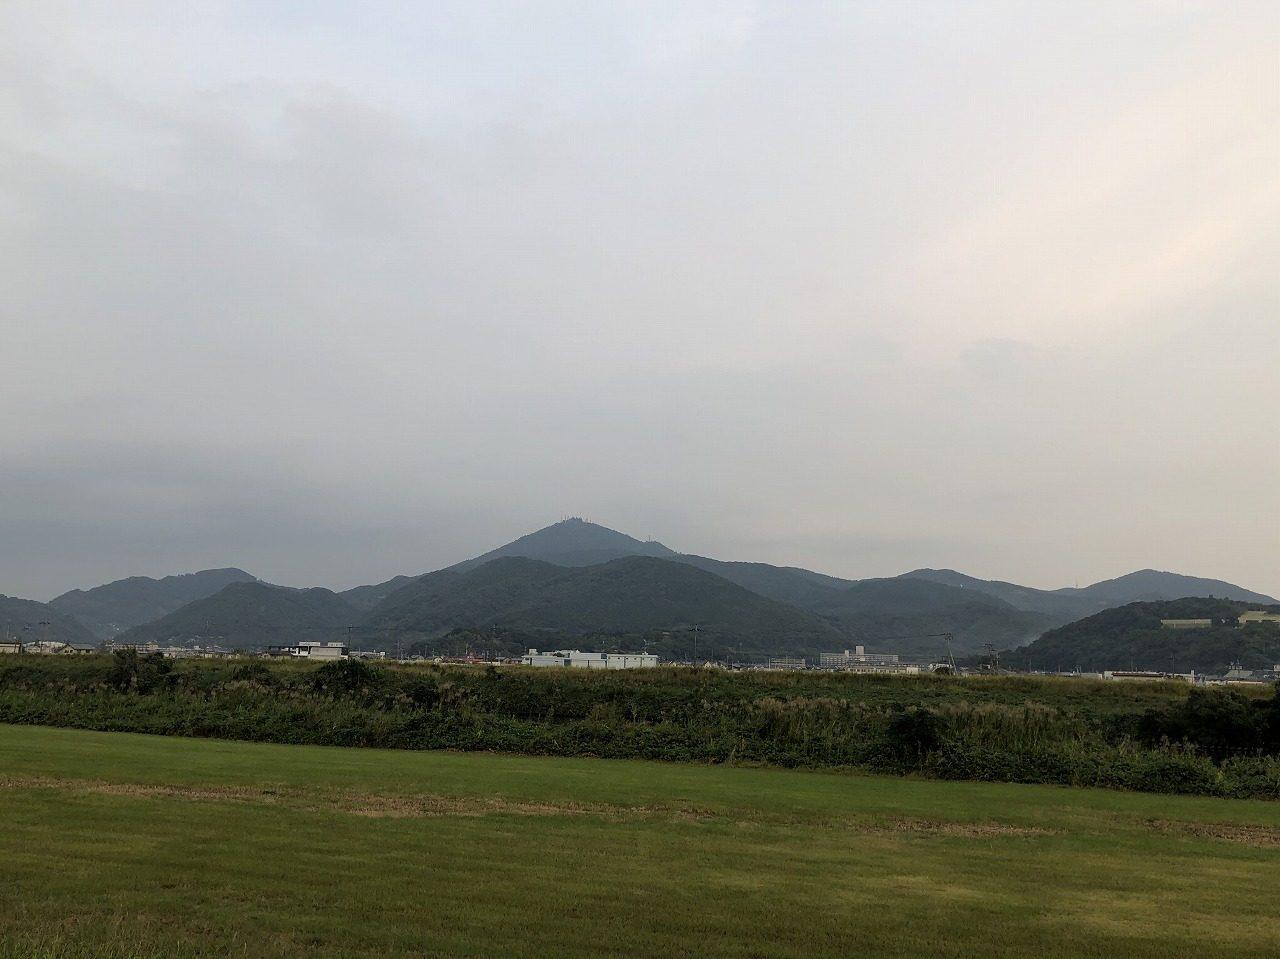 2019.10.23今朝の金峰山です。